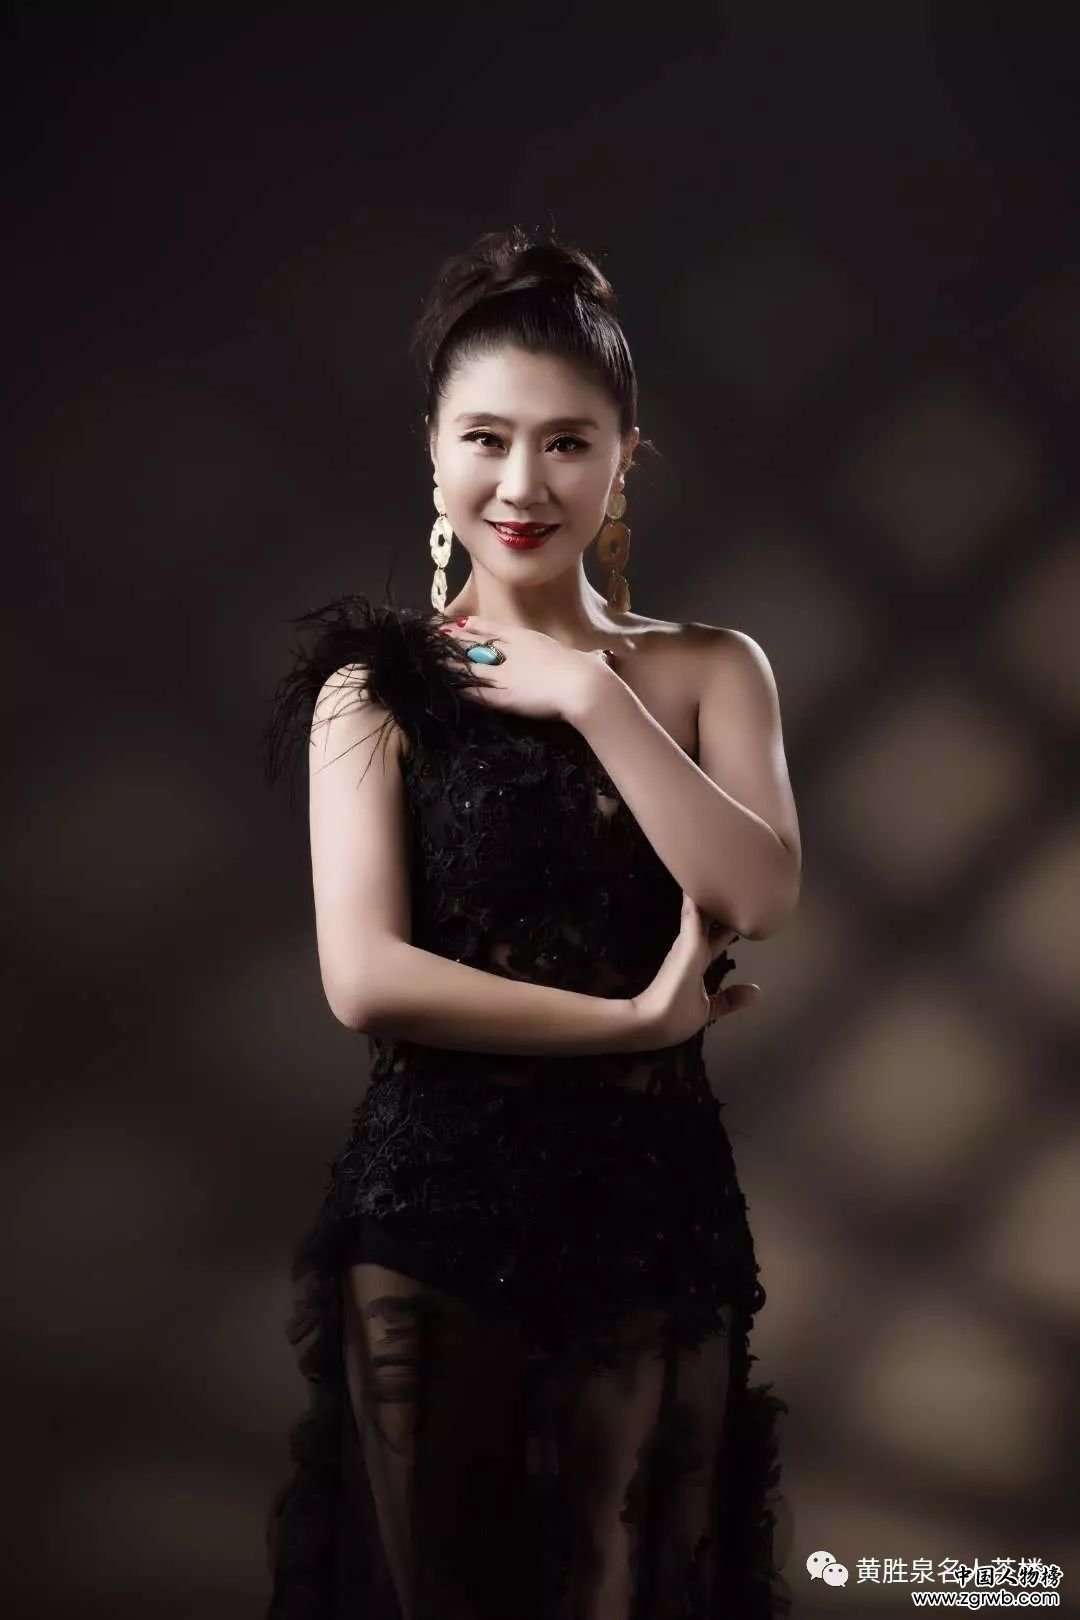 【特邀嘉宾】著名舞蹈家夏冰